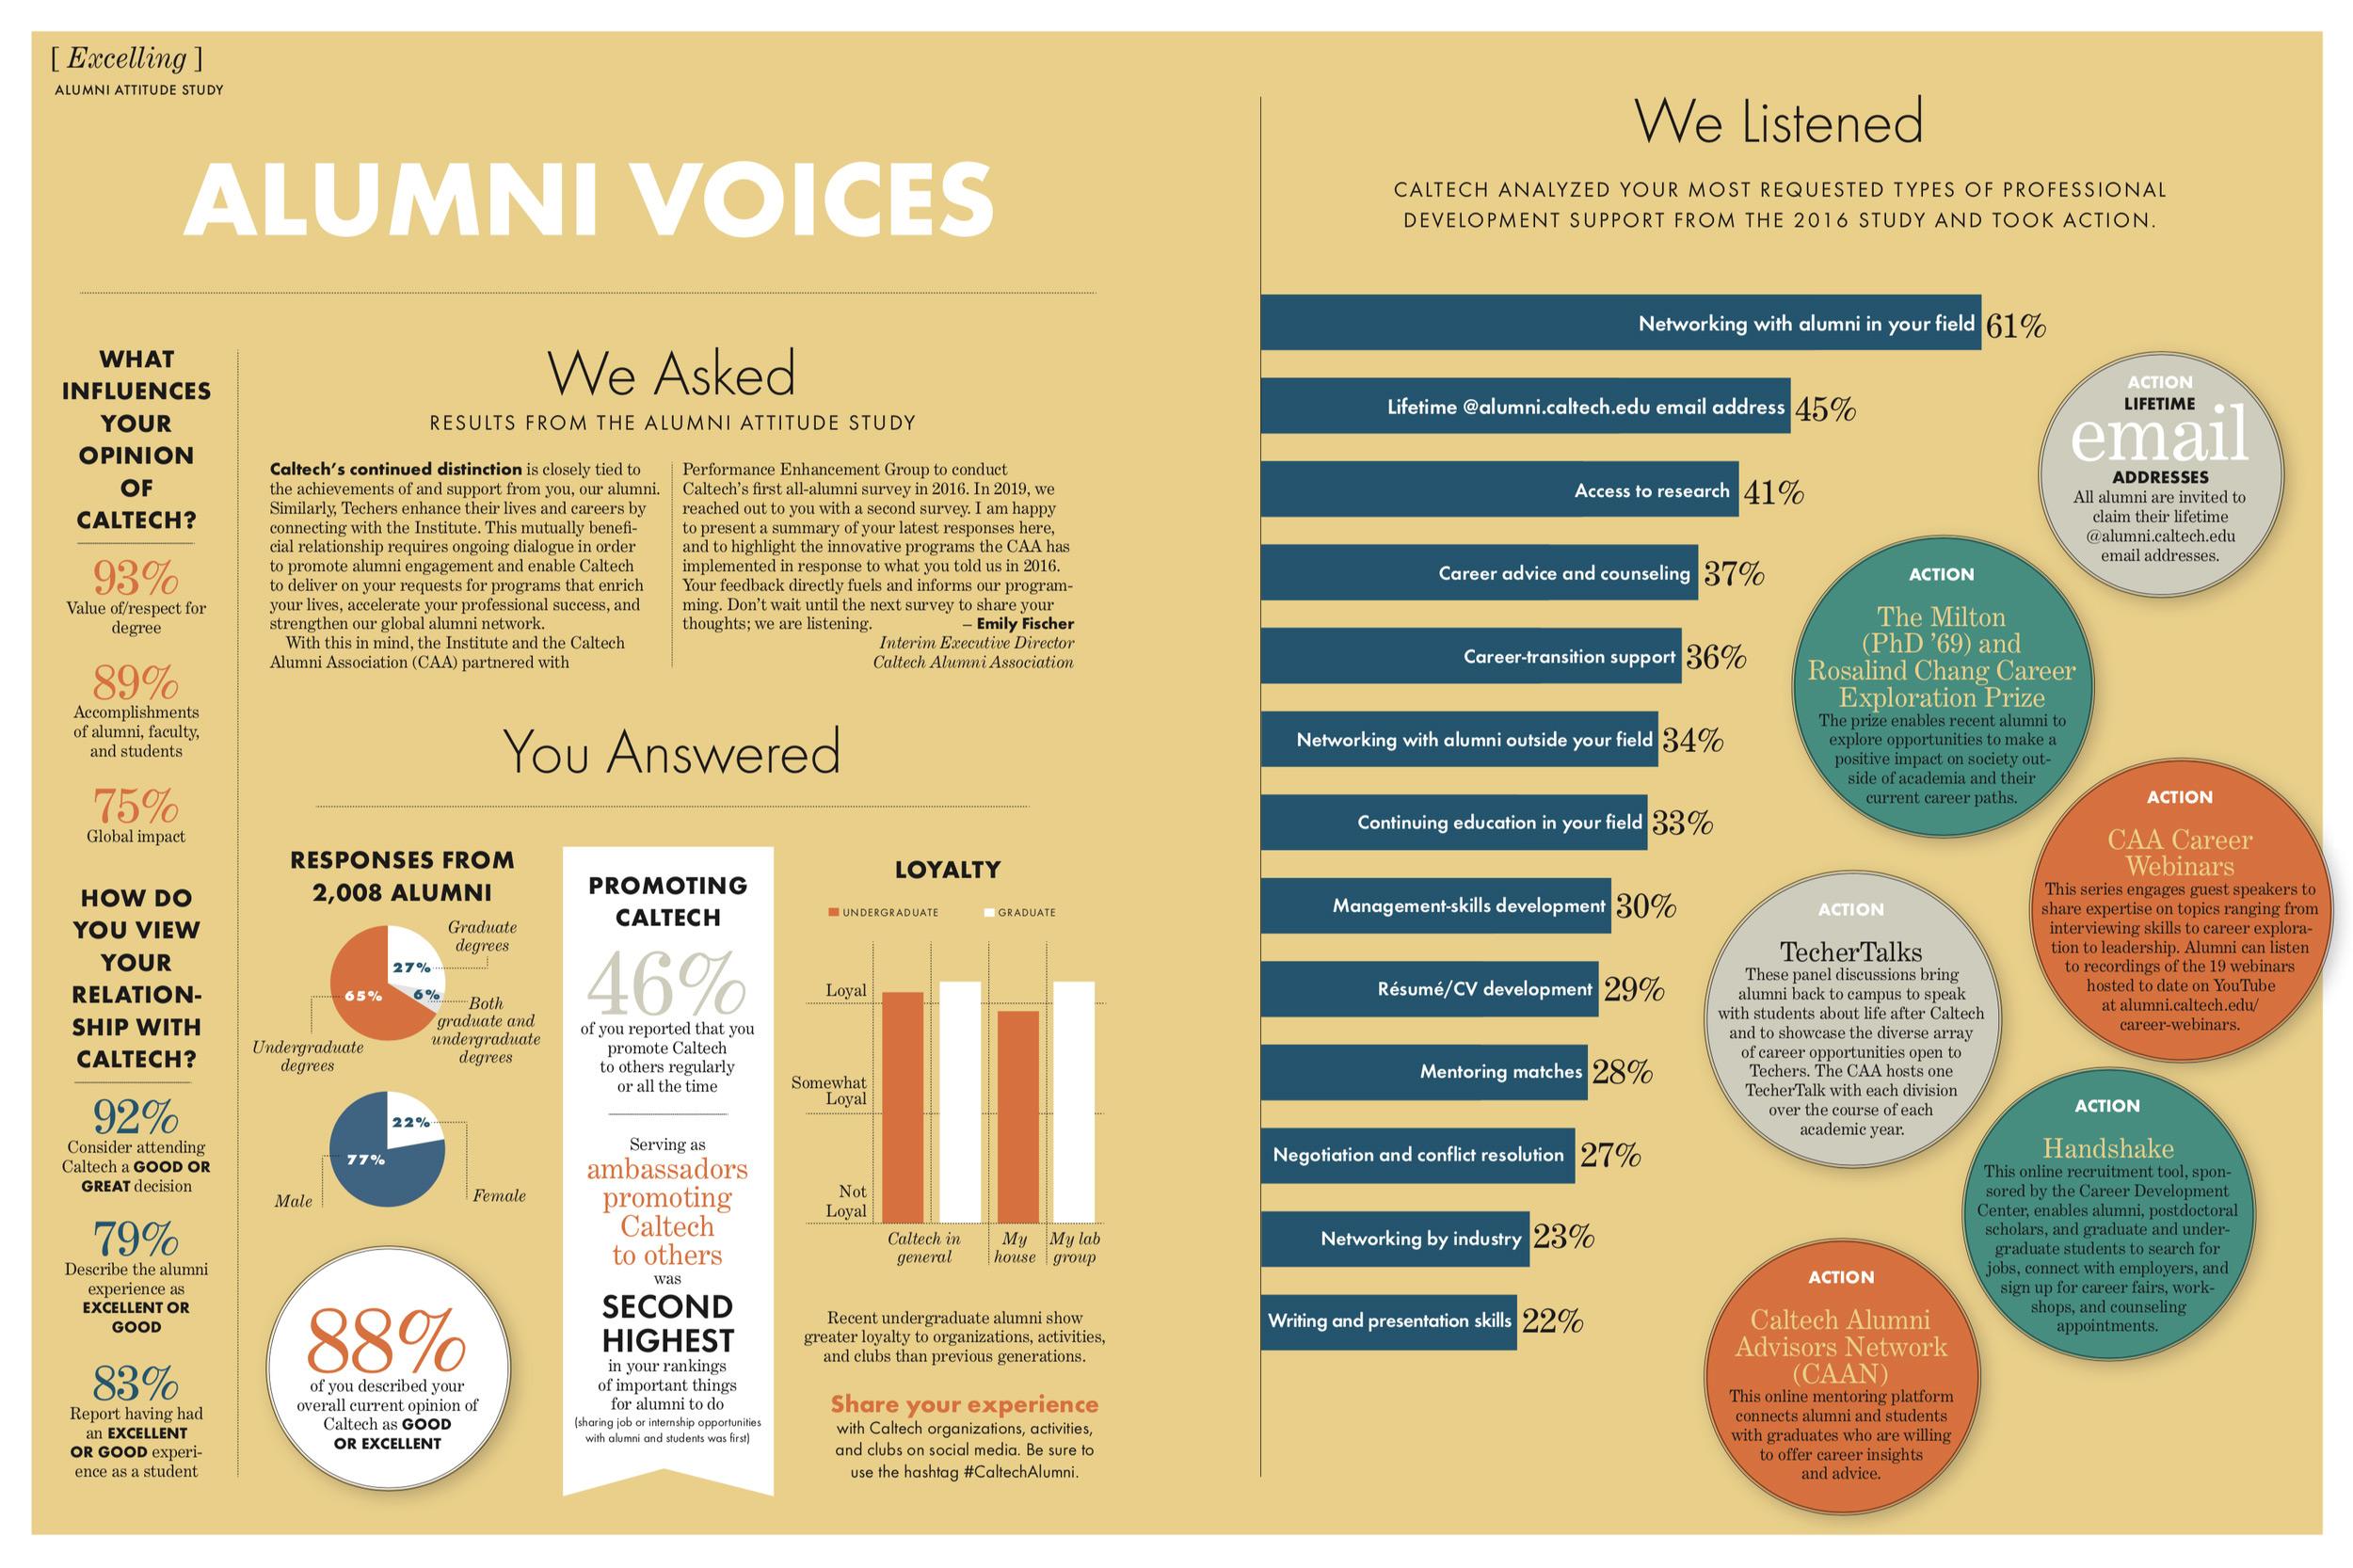 Alumni Voices